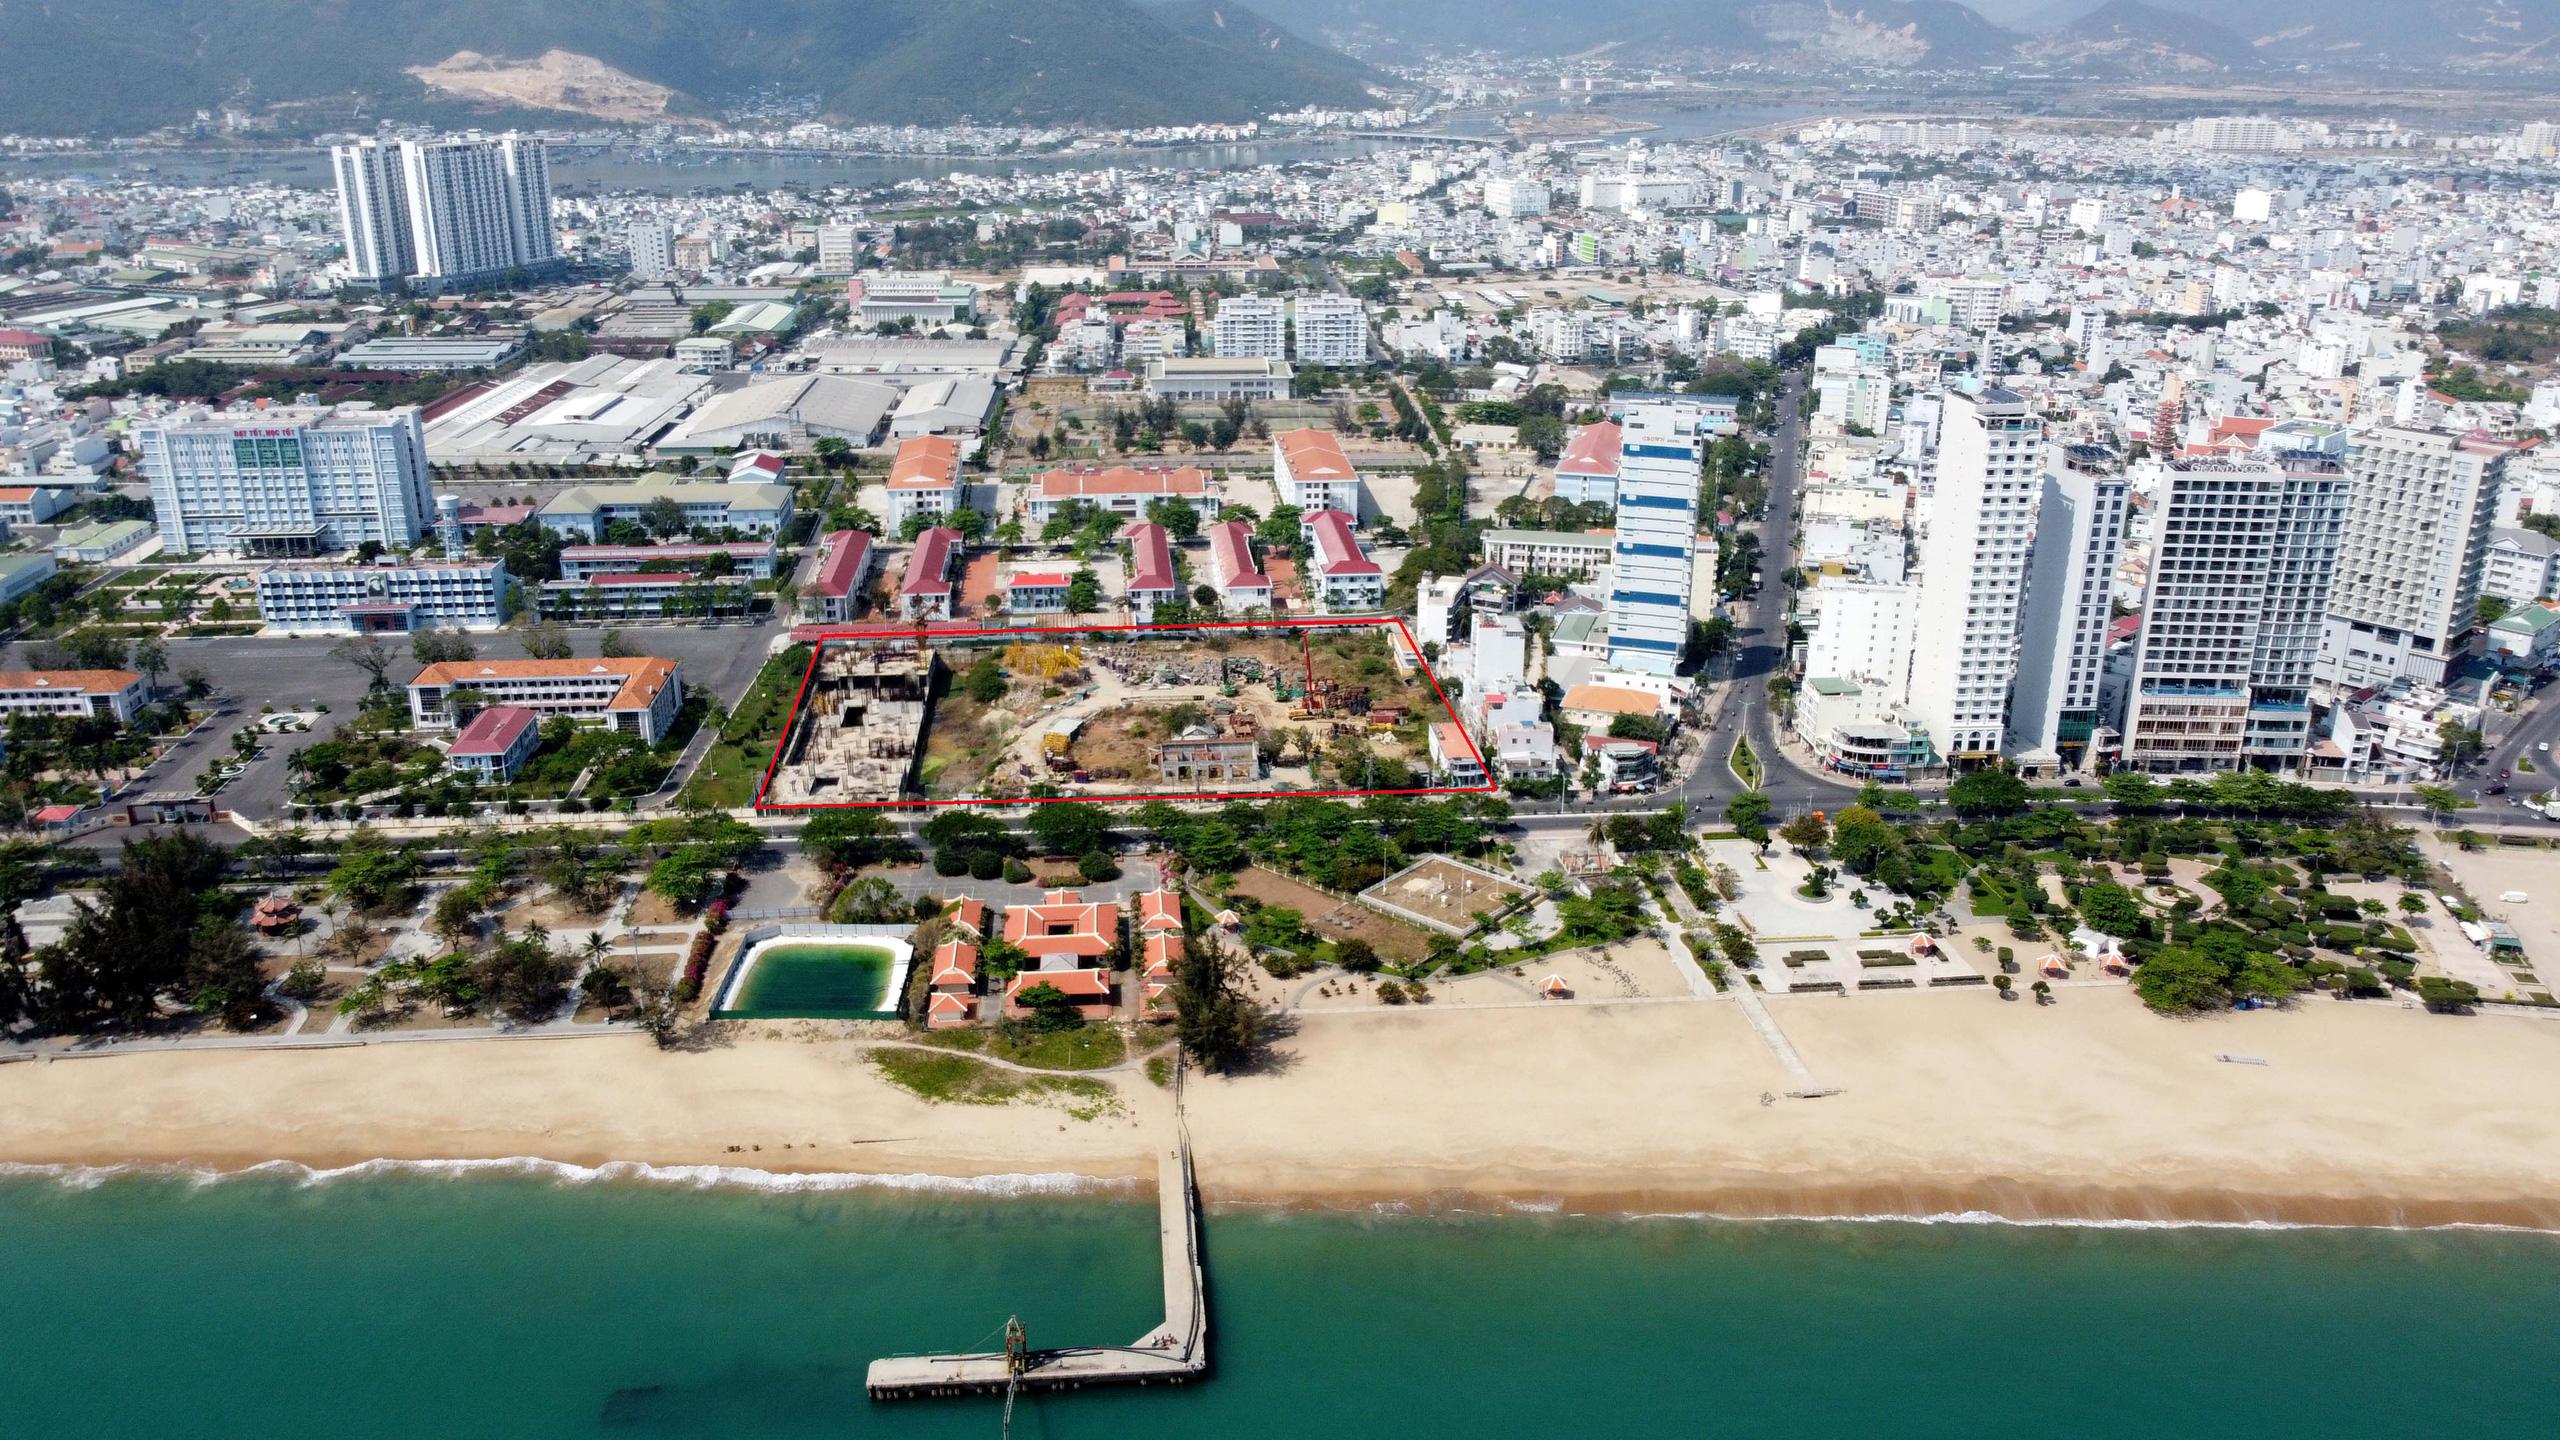 Hàng loạt dự án 'đất vàng' mặt tiền biển Nha Trang trở thành bãi hoang - Ảnh 8.